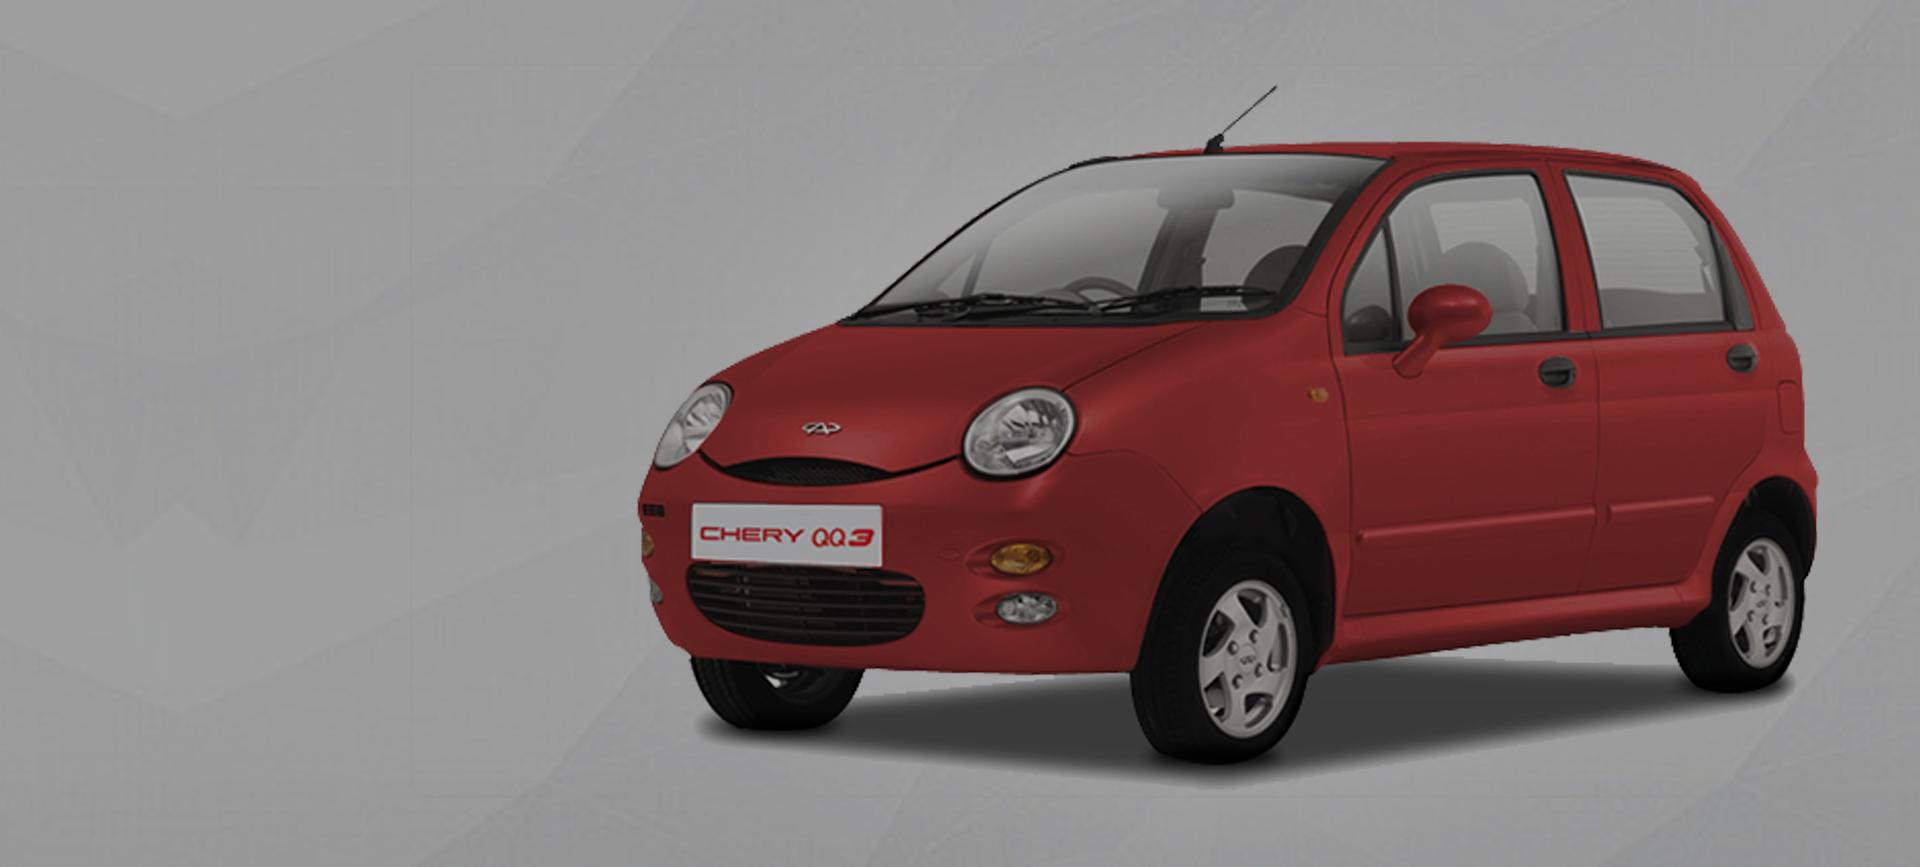 Karakoram Motors (Pvt) Ltd